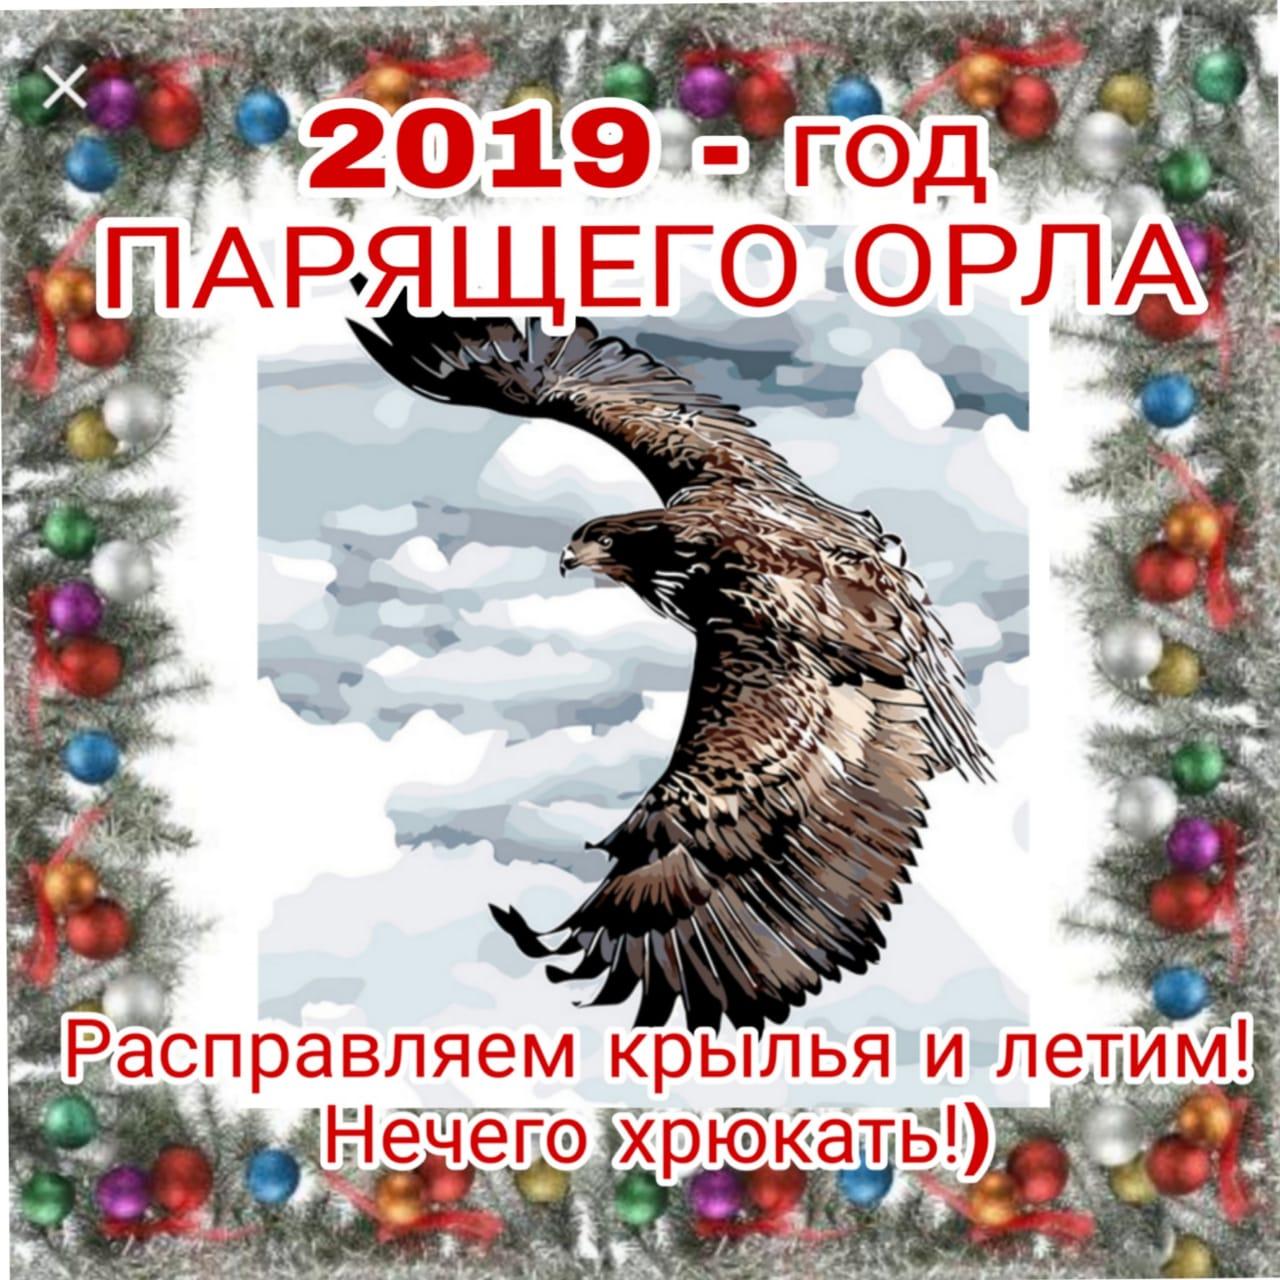 Картинки с надписями год парящего орла